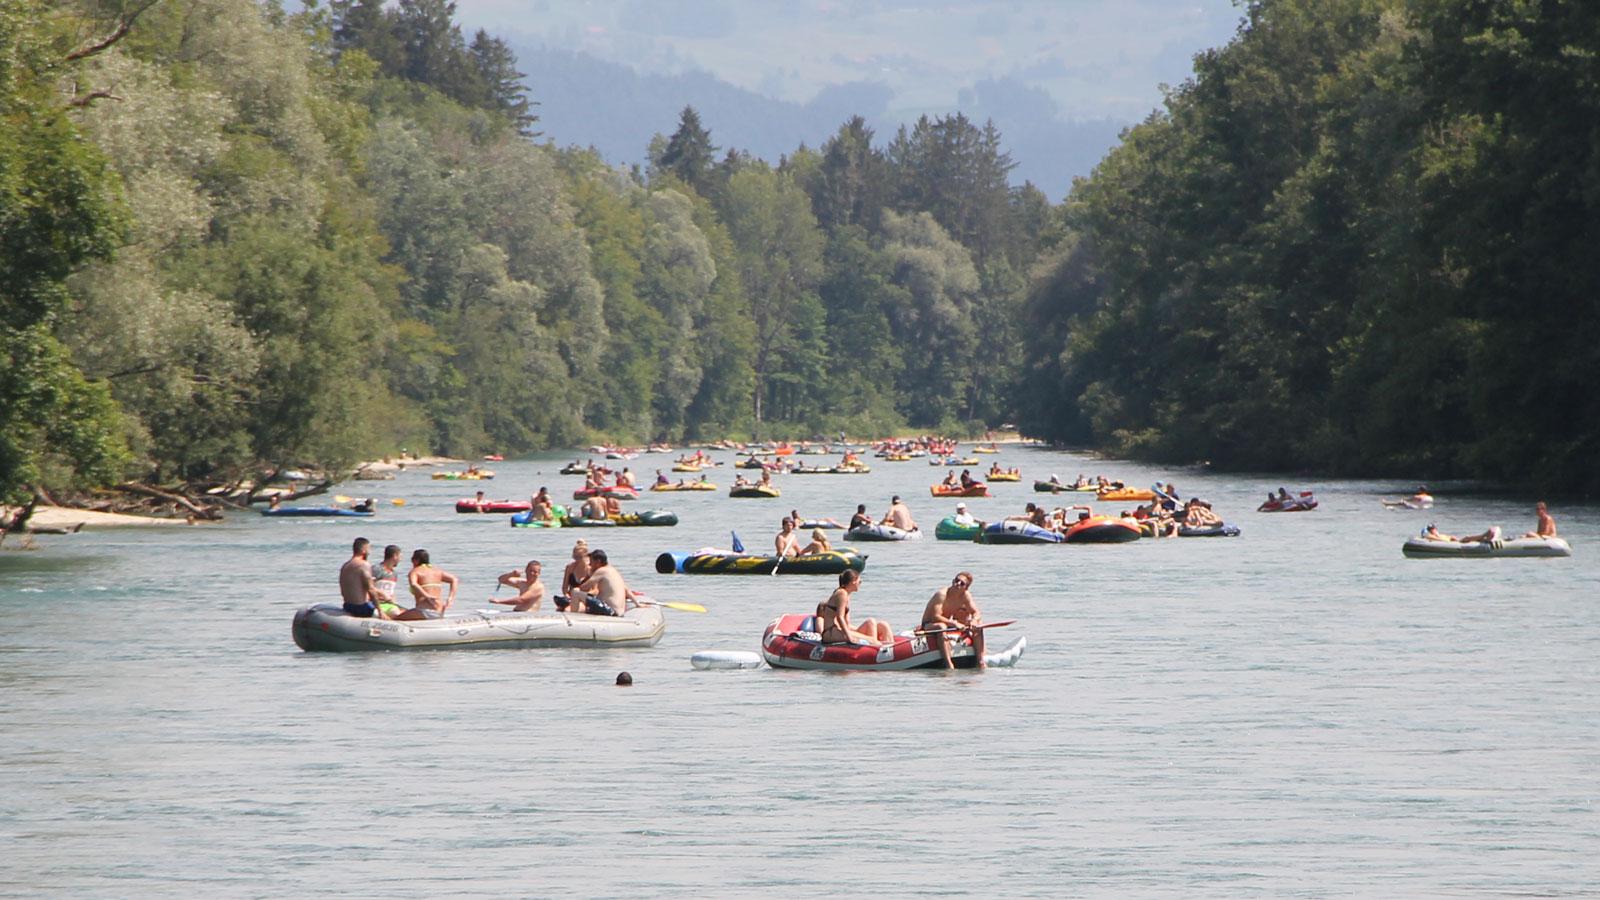 Freizeitaktivitäten wie das Aareböötle erhöhen den Druck auf die Flusslandschaft zusätzlich. Zugleich sollte aber auch die Chance gesehen werden, dass viele Menschen eine schützenswerte Gewässerlandschaft kennen und schätzen lernen